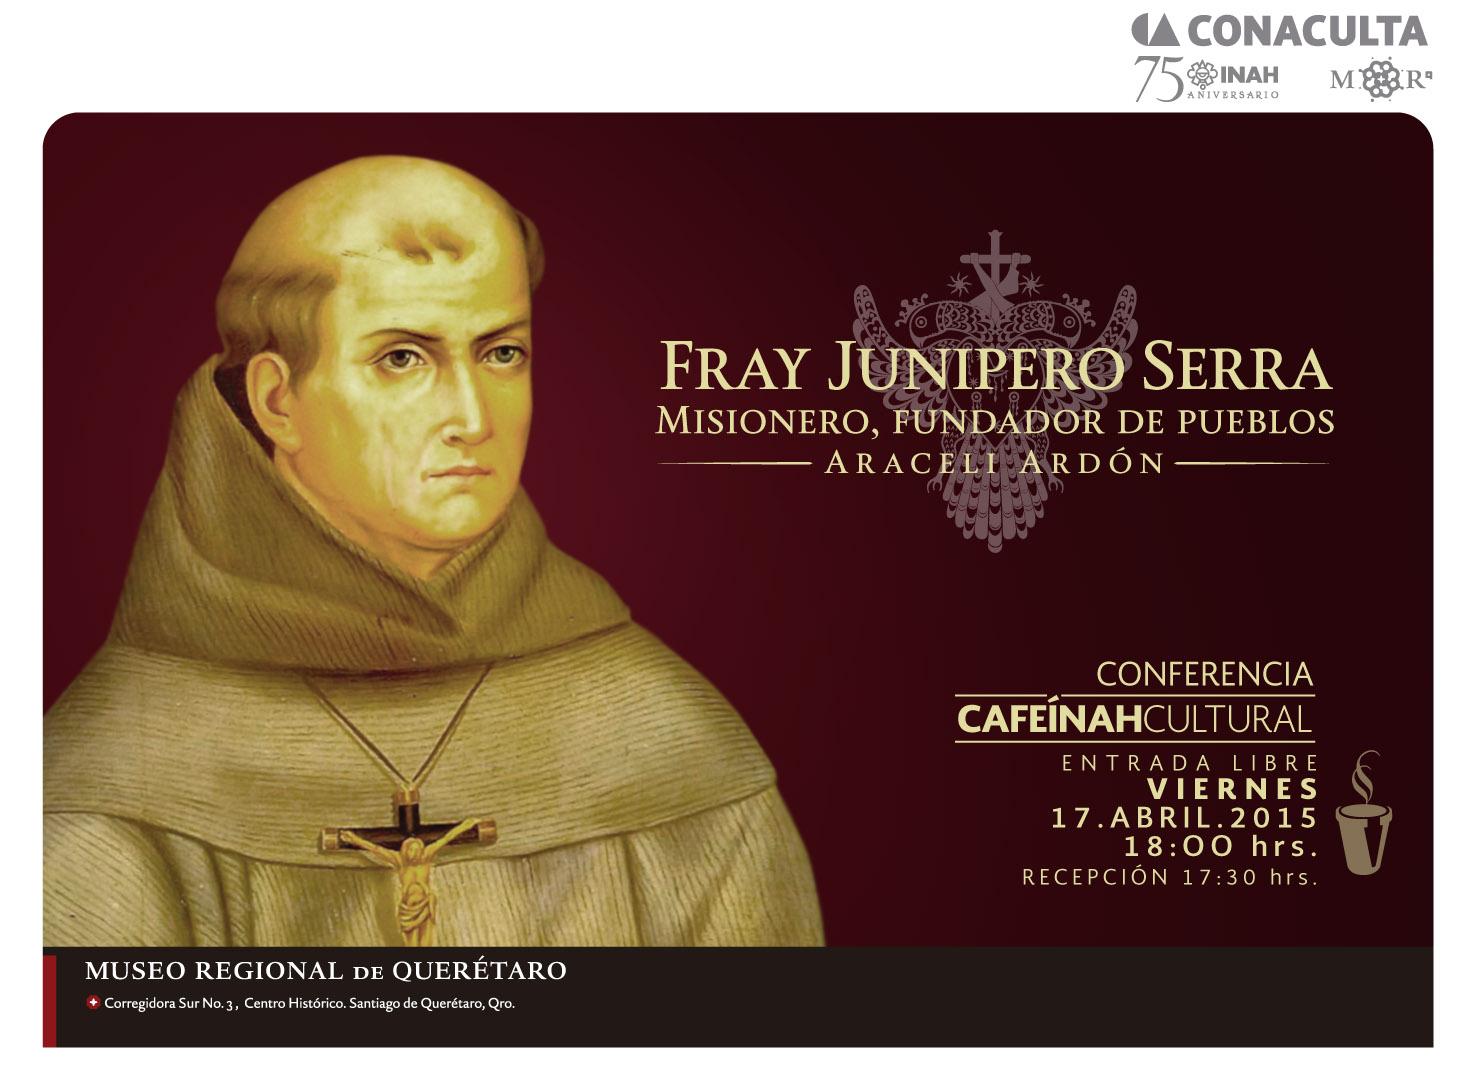 Conferencia: Fray Junipero Serra en el Museo Regional de Querétaro